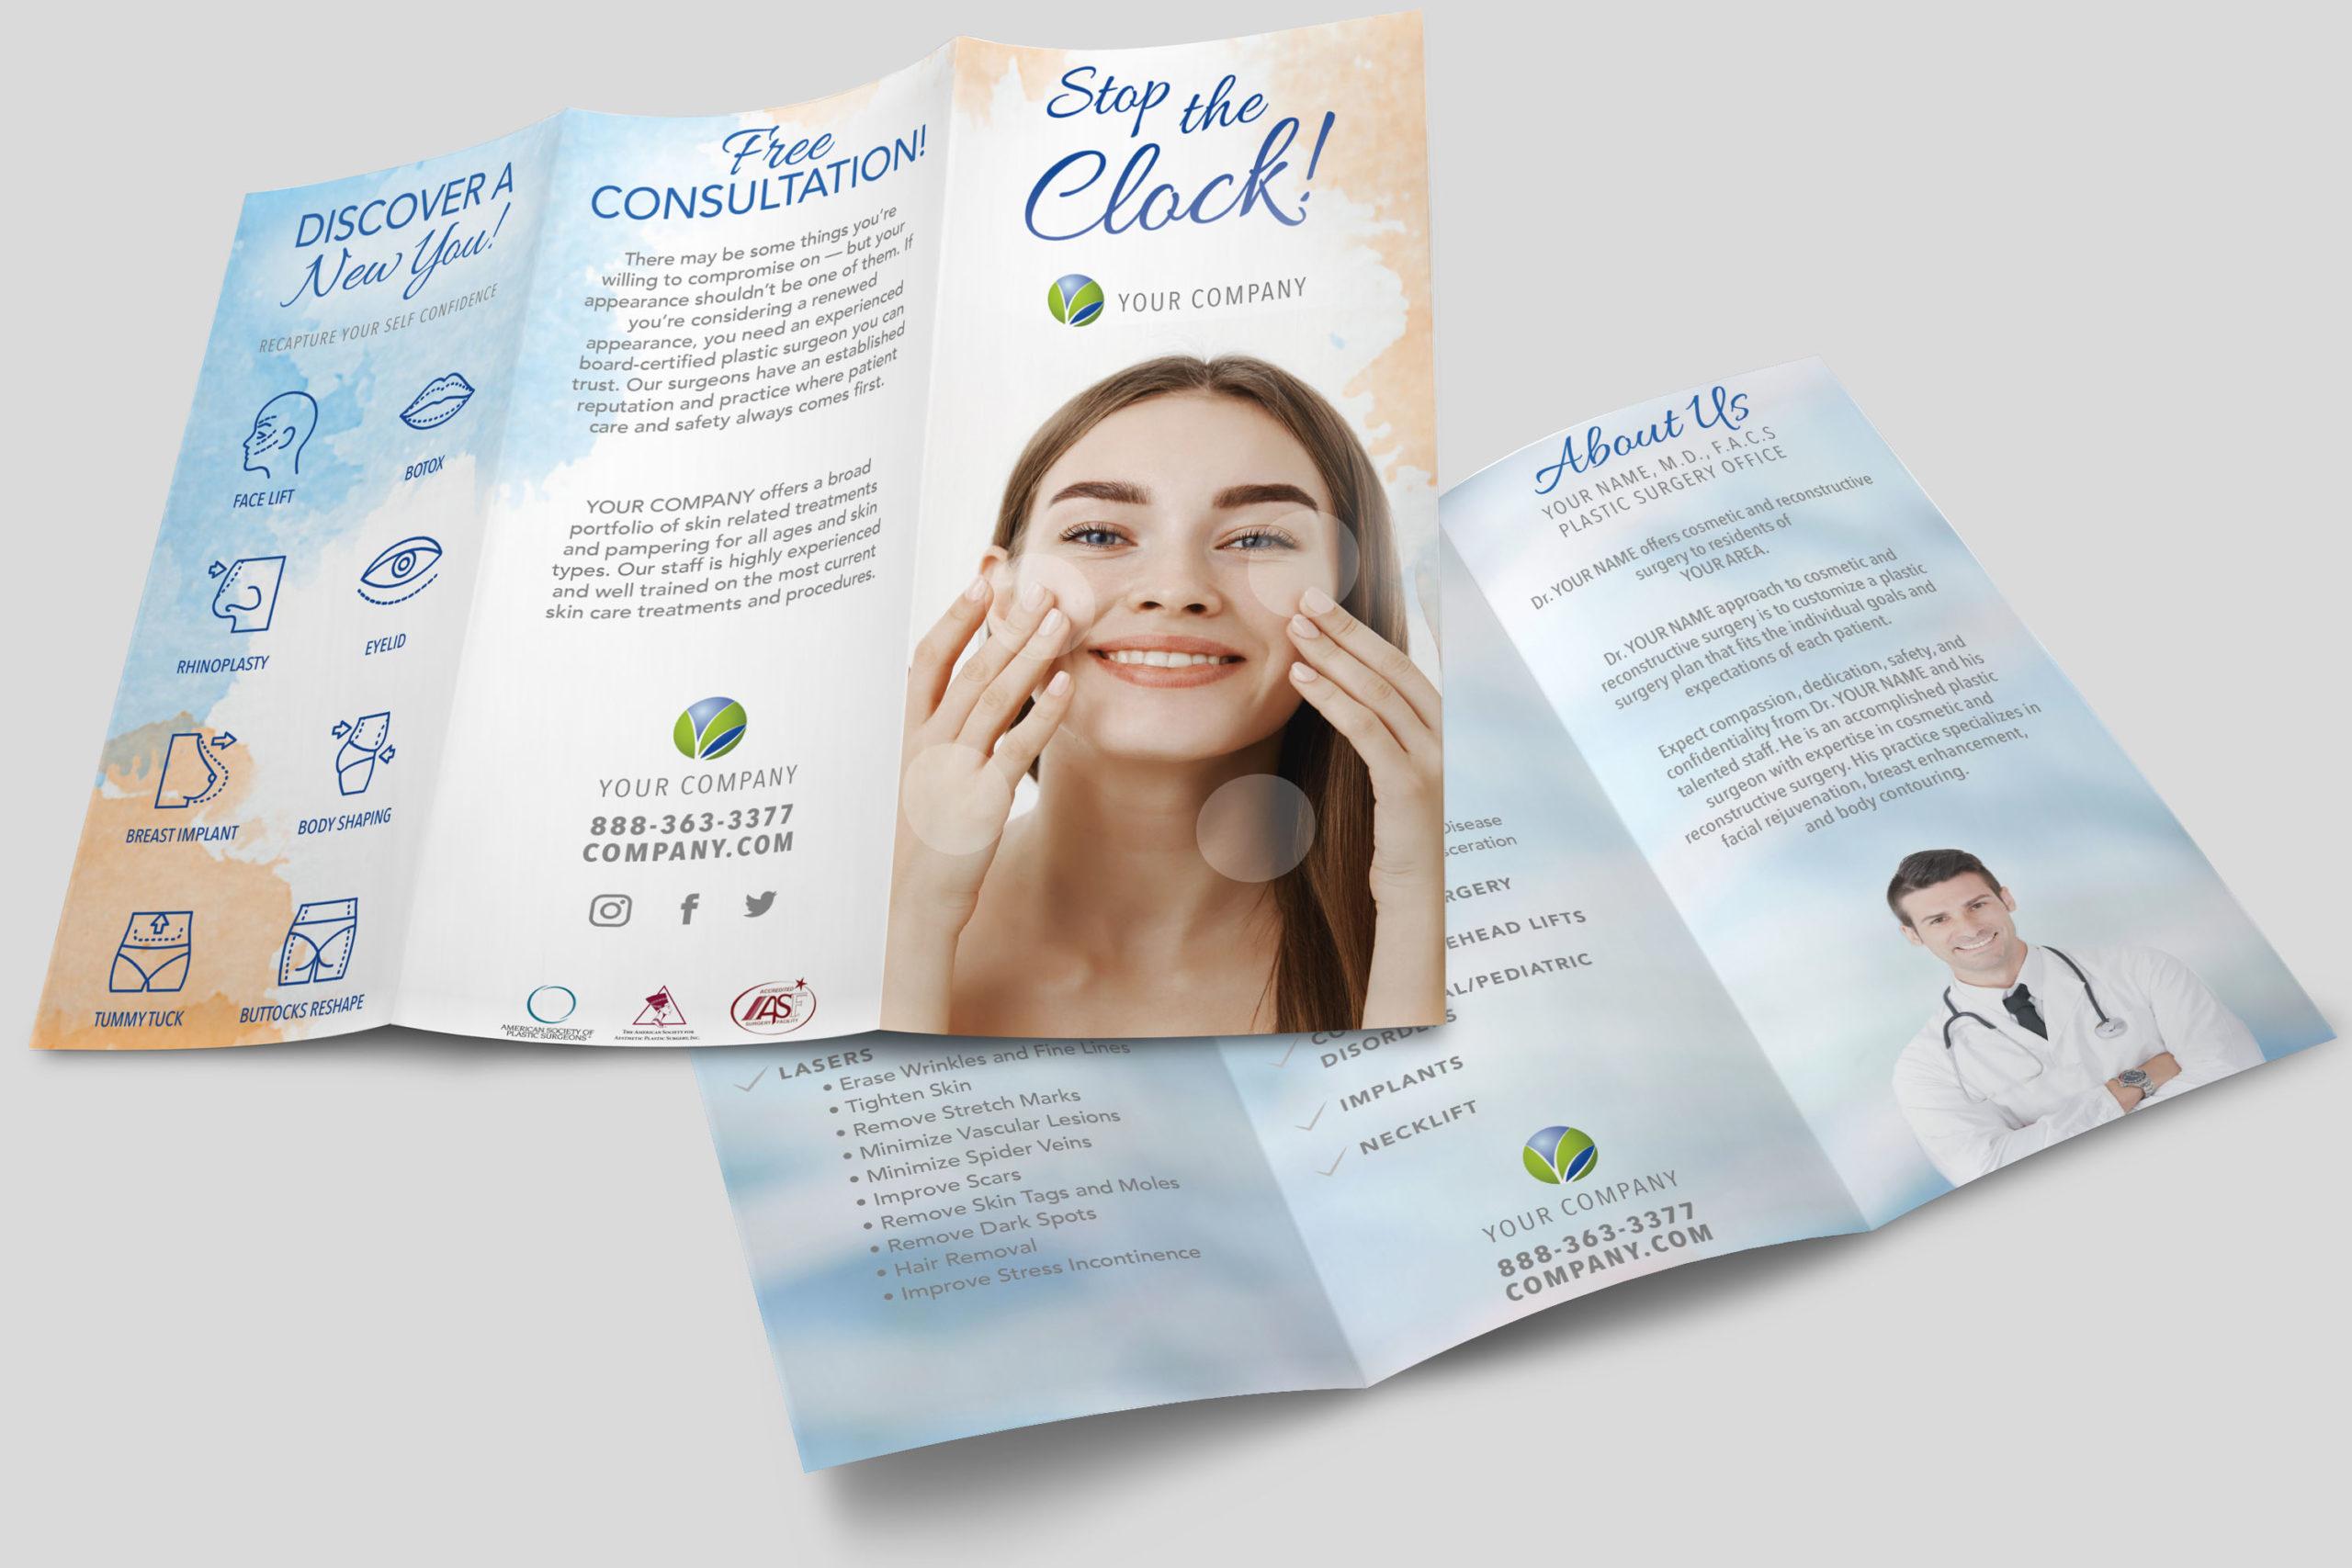 MedSpa Services Brochure Template